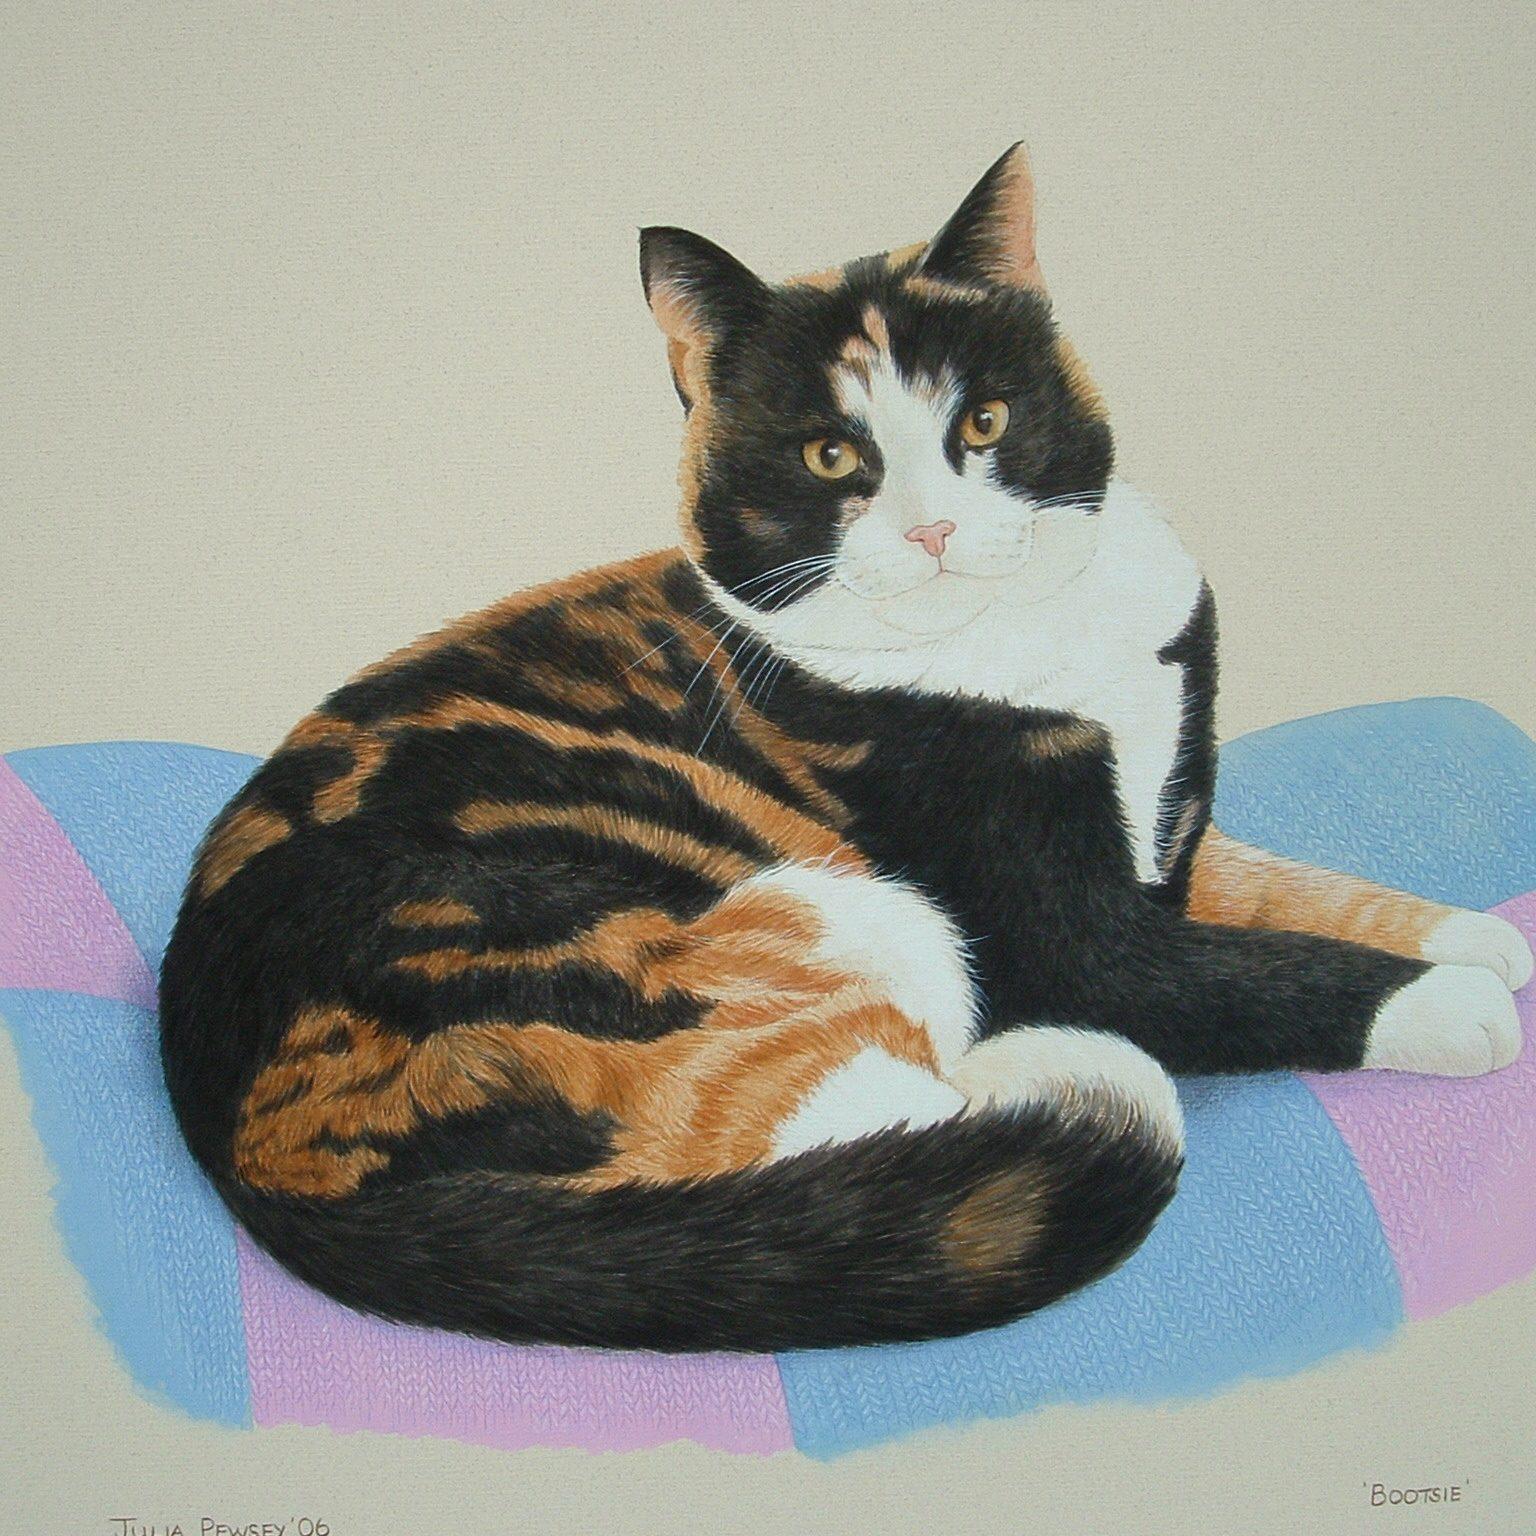 1 Bootsie - Tortoiseshell Cat